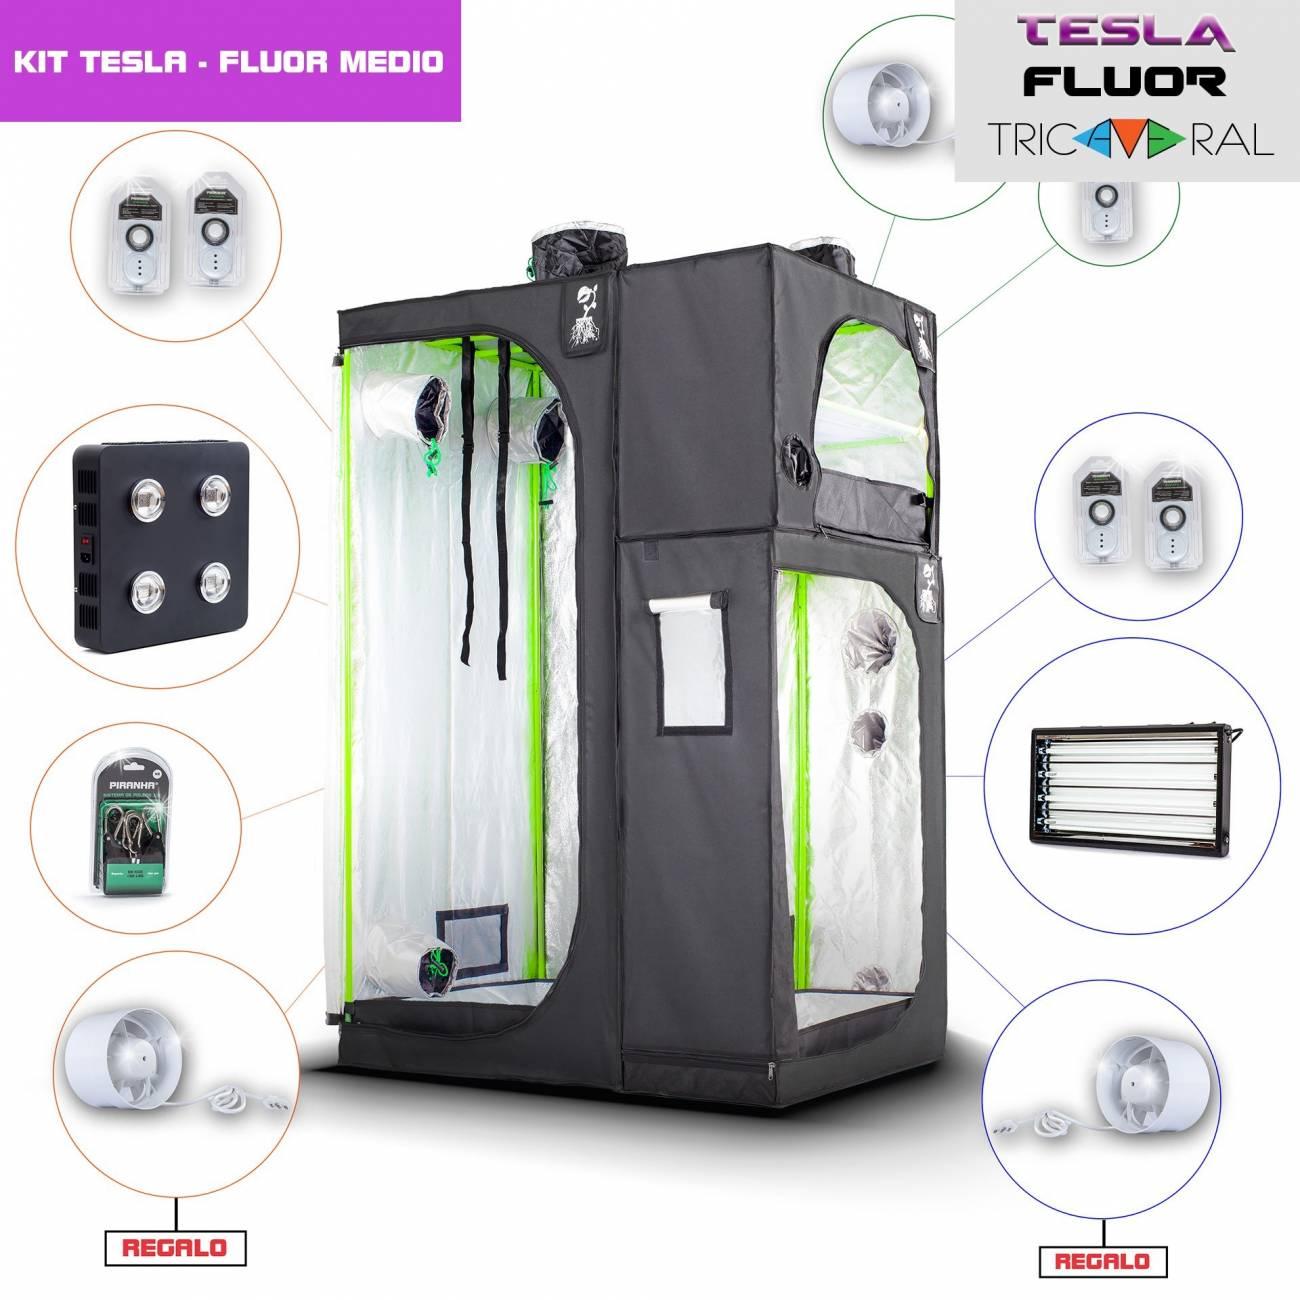 Kit Tricameral Tesla/Fluor Extended